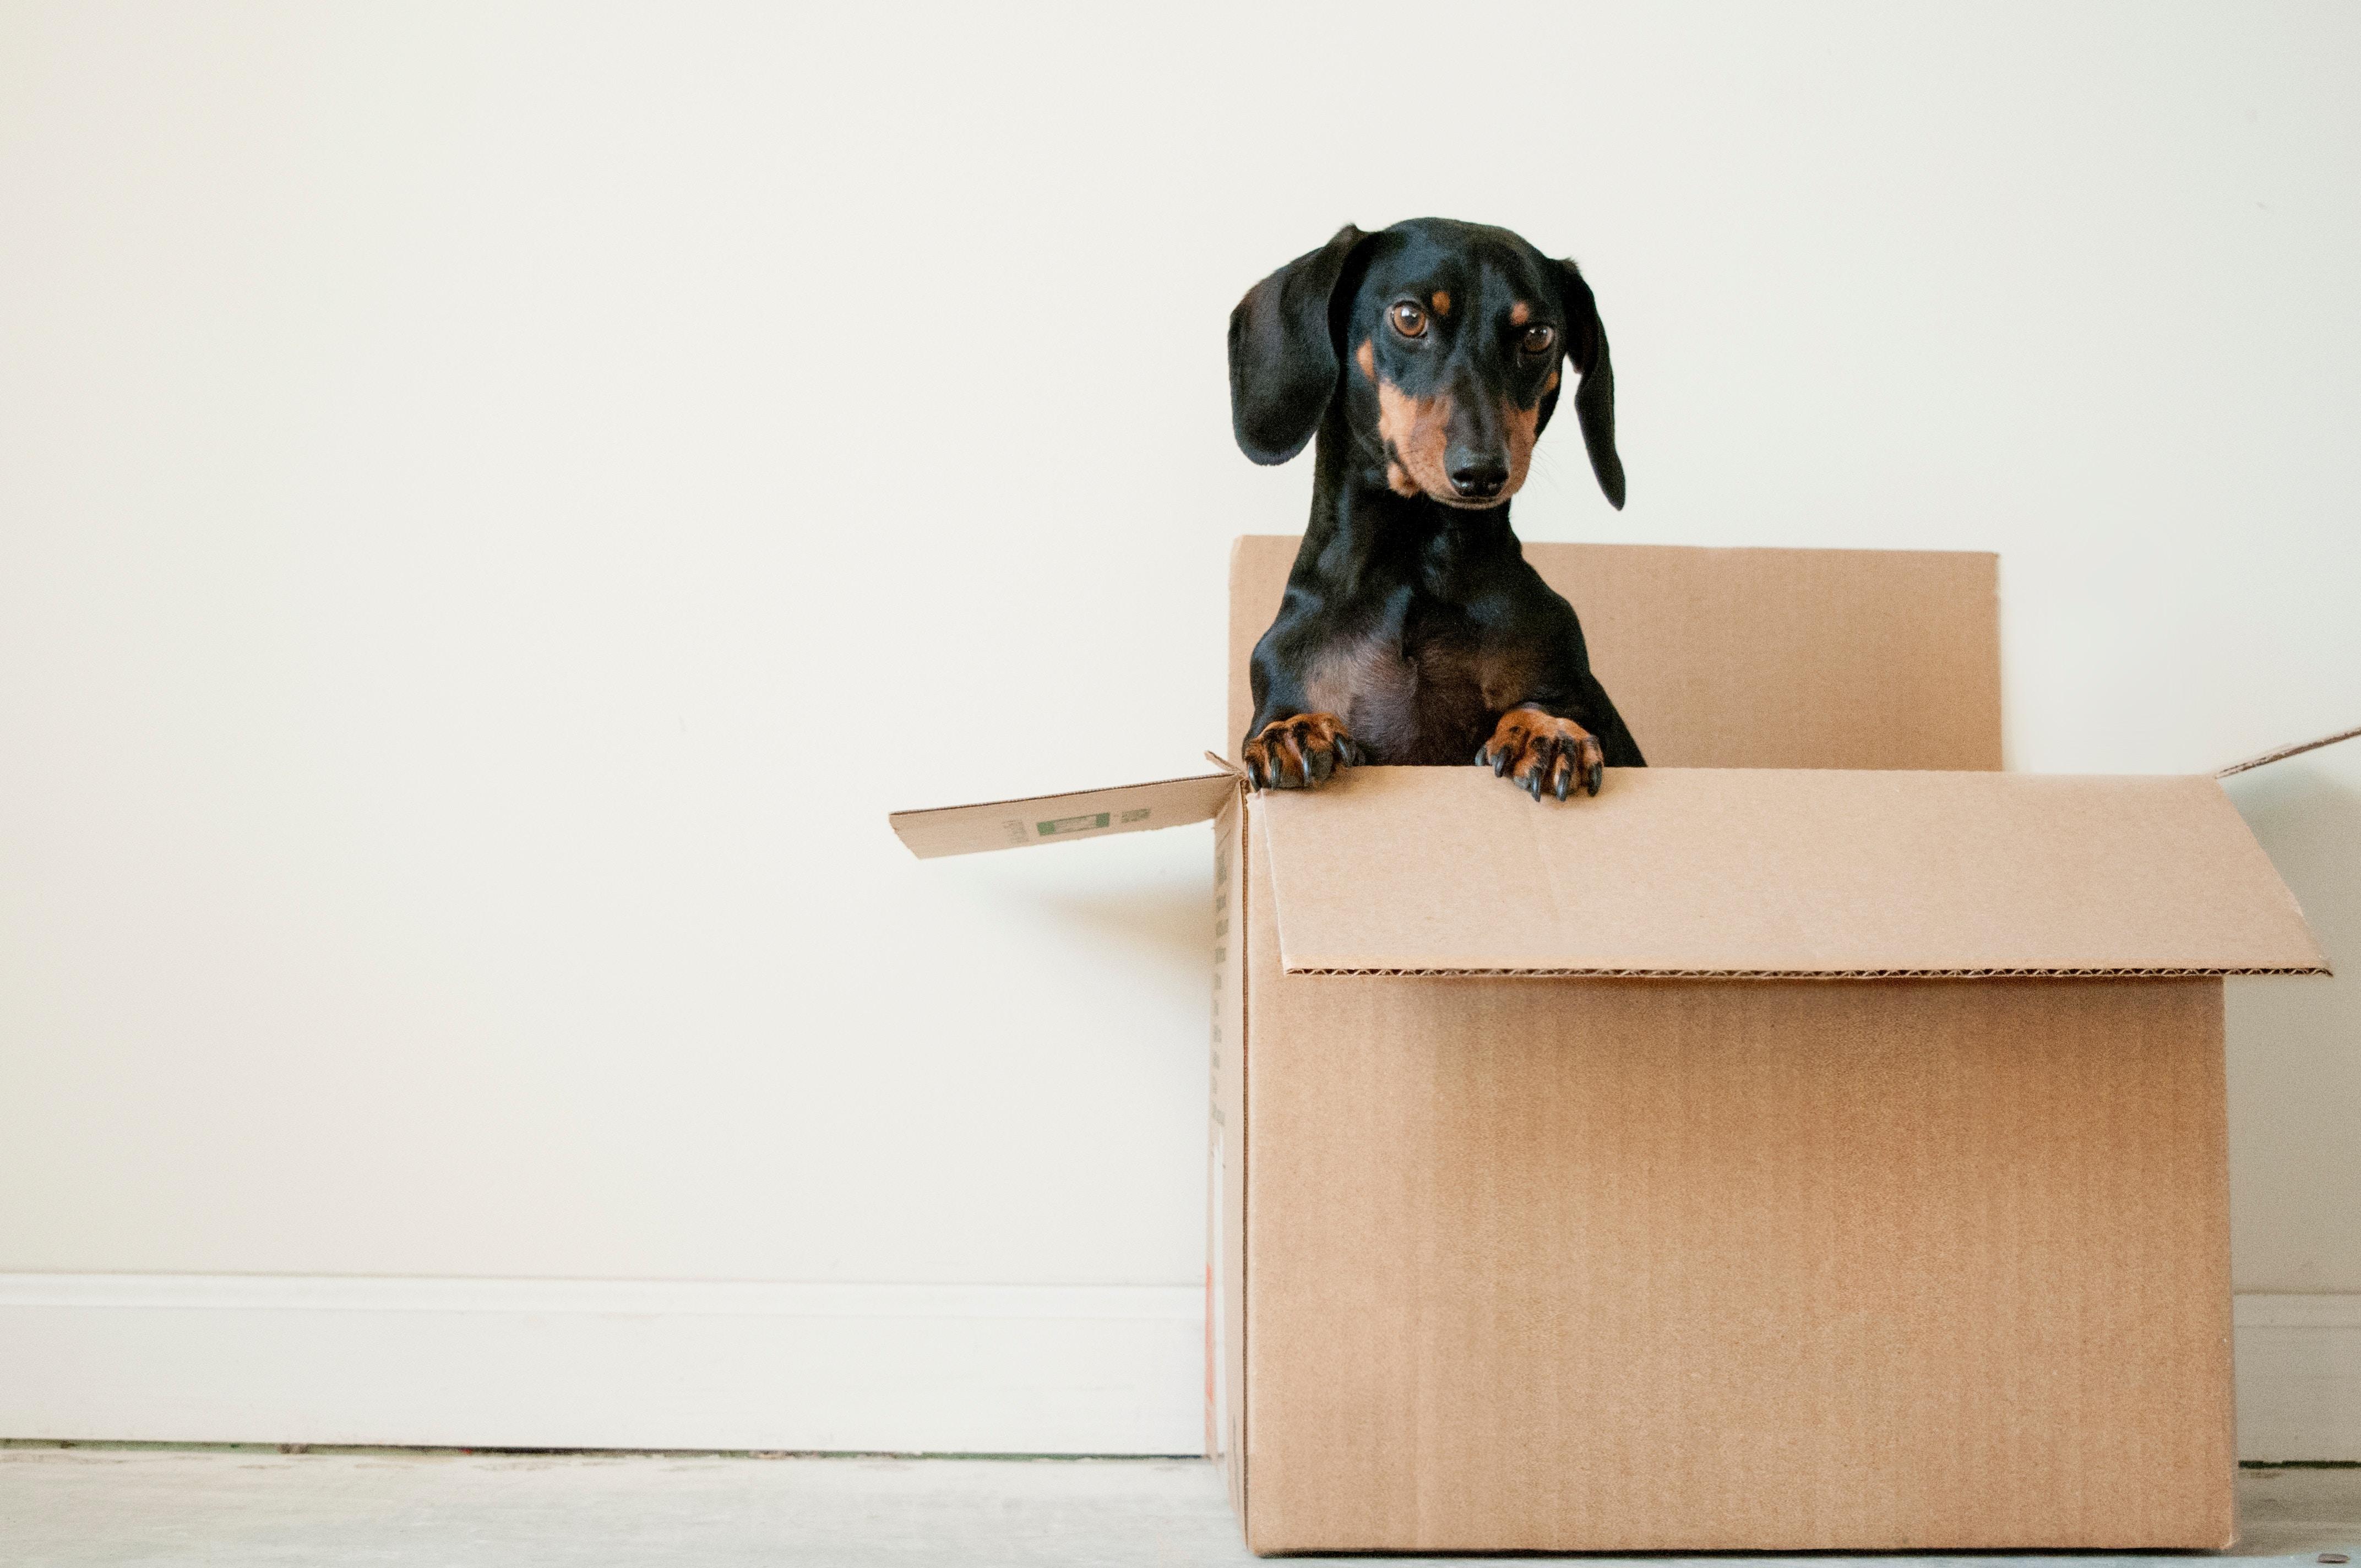 chien cute dans une boite